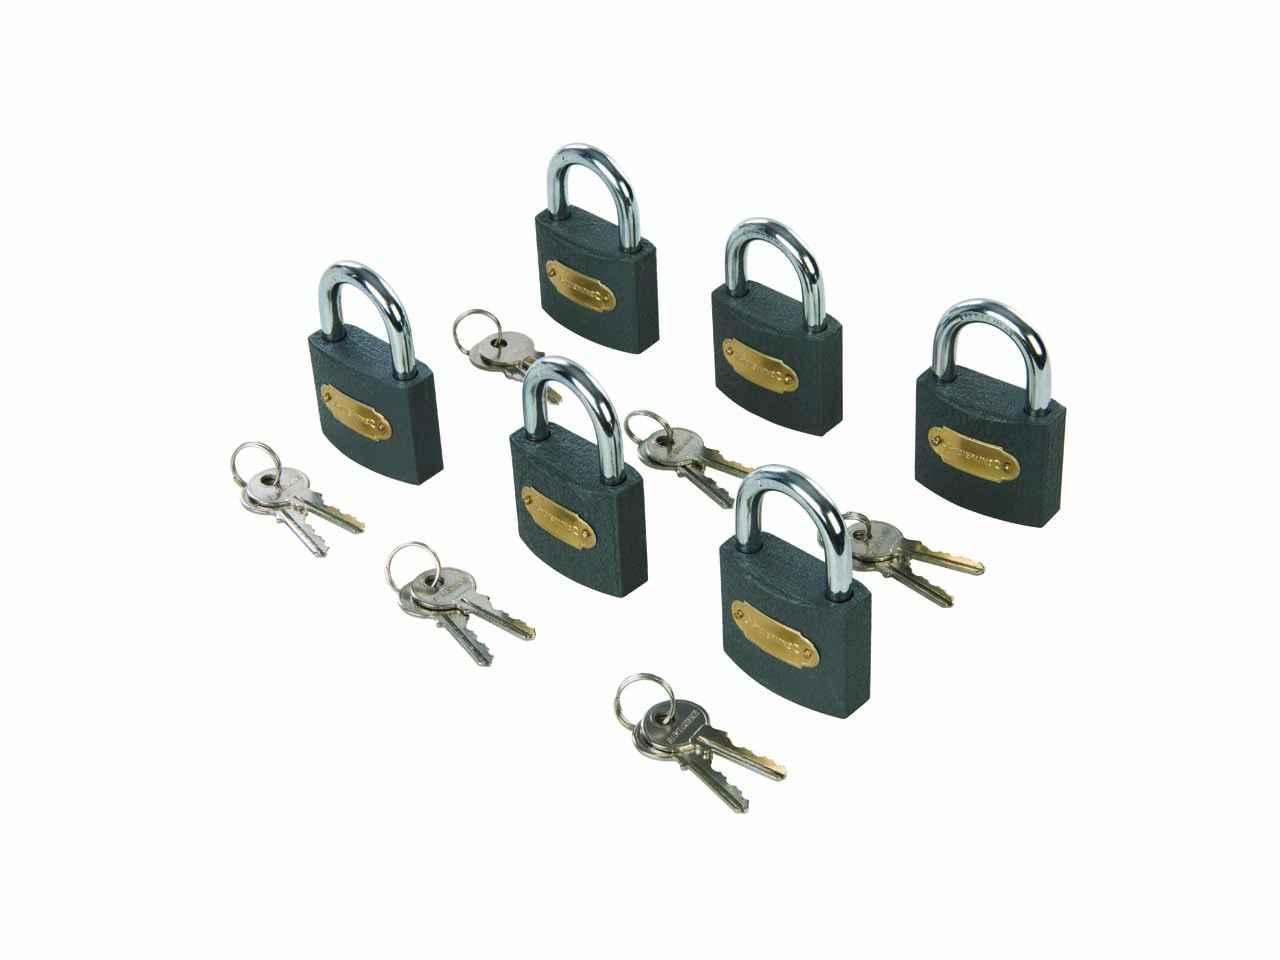 Silverline 802531 Weatherproof Combination Padlock Hand Tools DIY Tools & Workshop Equipment